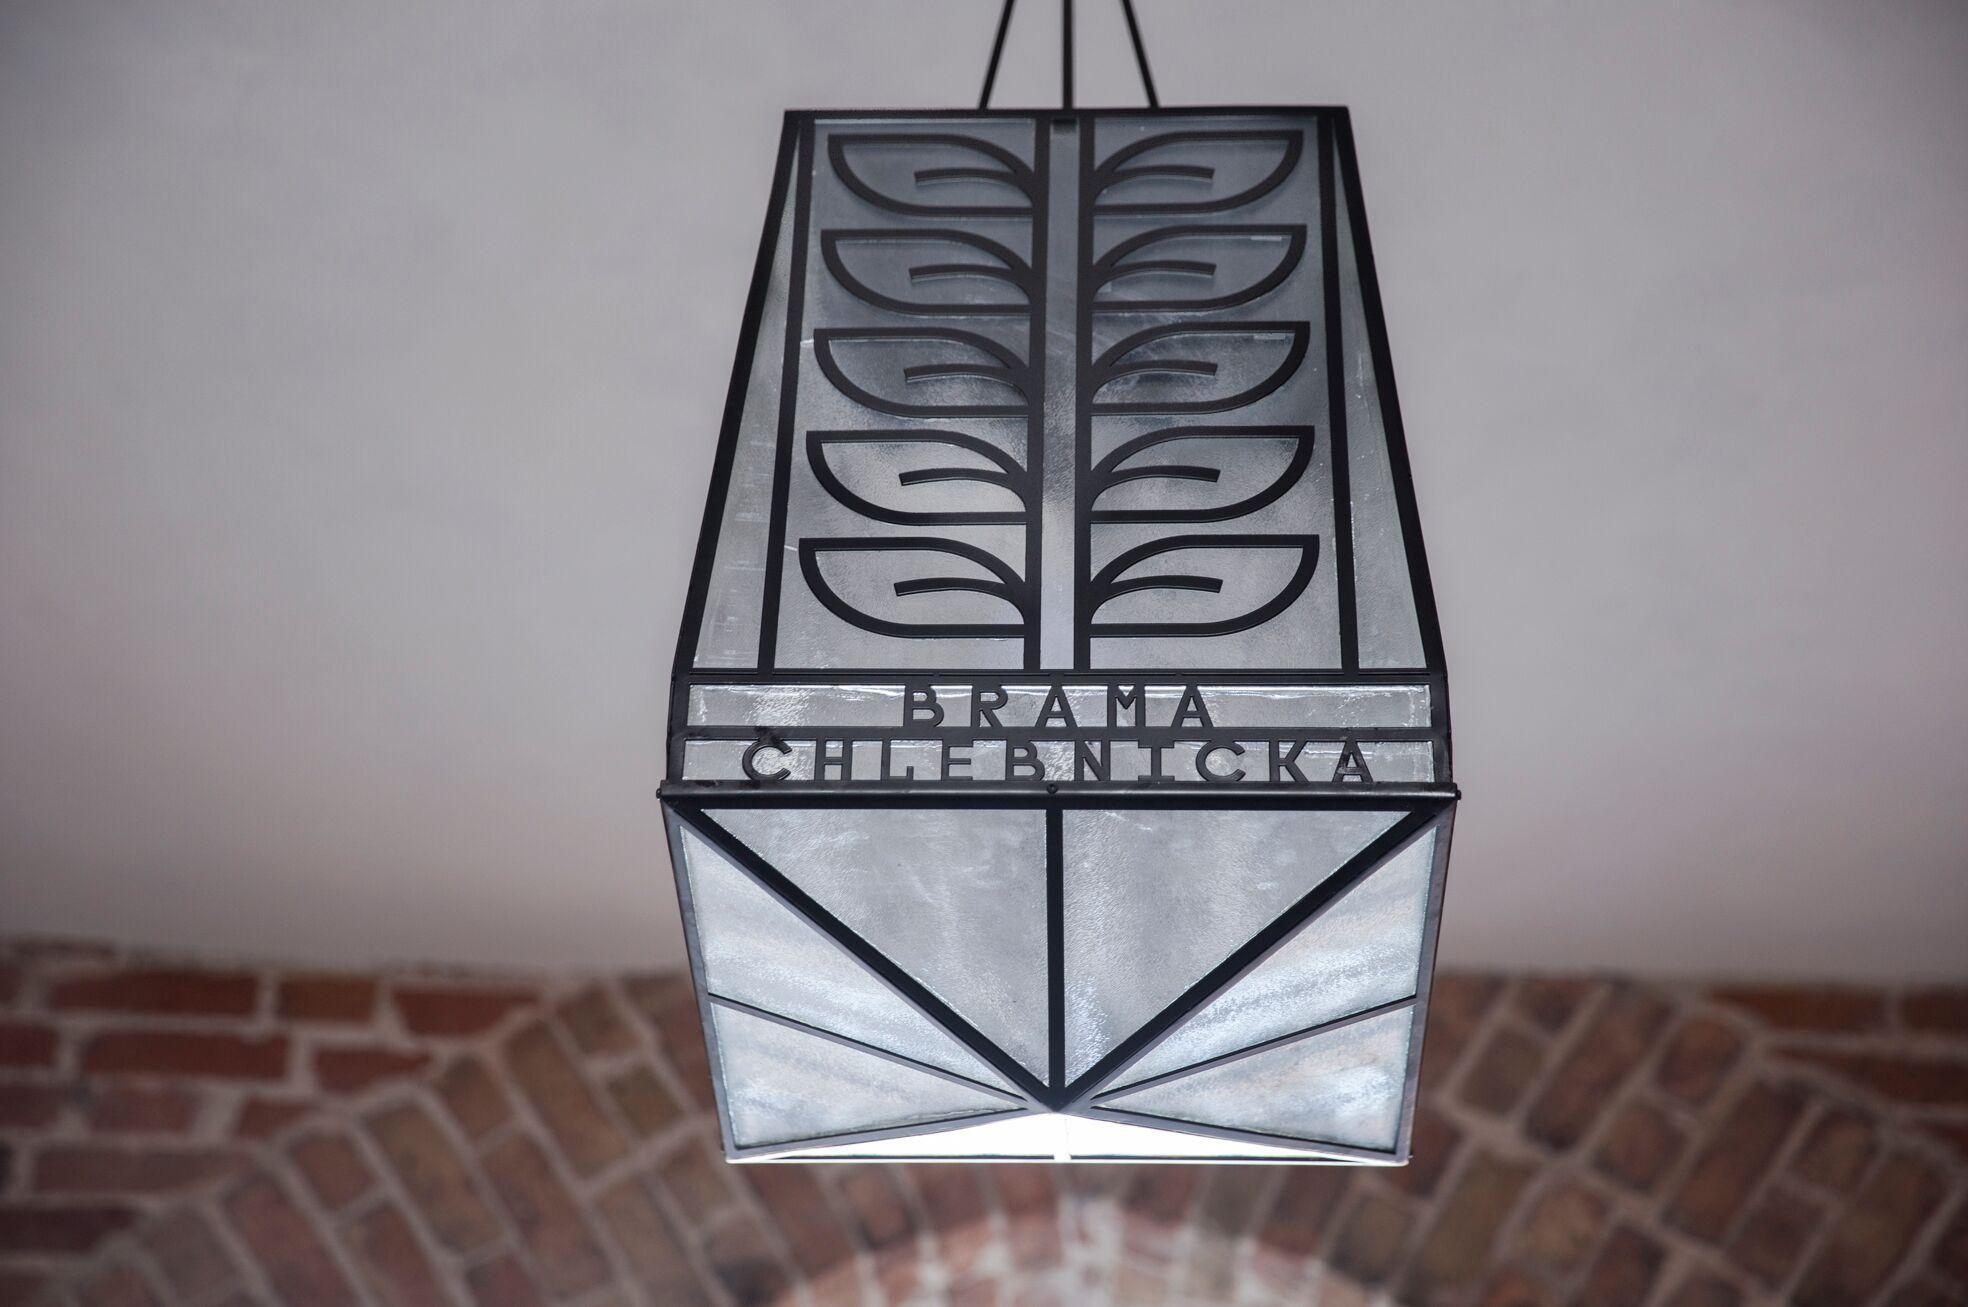 """Kolejnym nowym elementem będzie wisząca lampa, która znajdzie się tuż przed bramą. """"Jej koncepcja jest bardzo podobna do tej, którą wykonaliśmy przy ul. Chlebnickiej w Gdańsku"""" – podkreśla Domańska, fot. traffic design."""